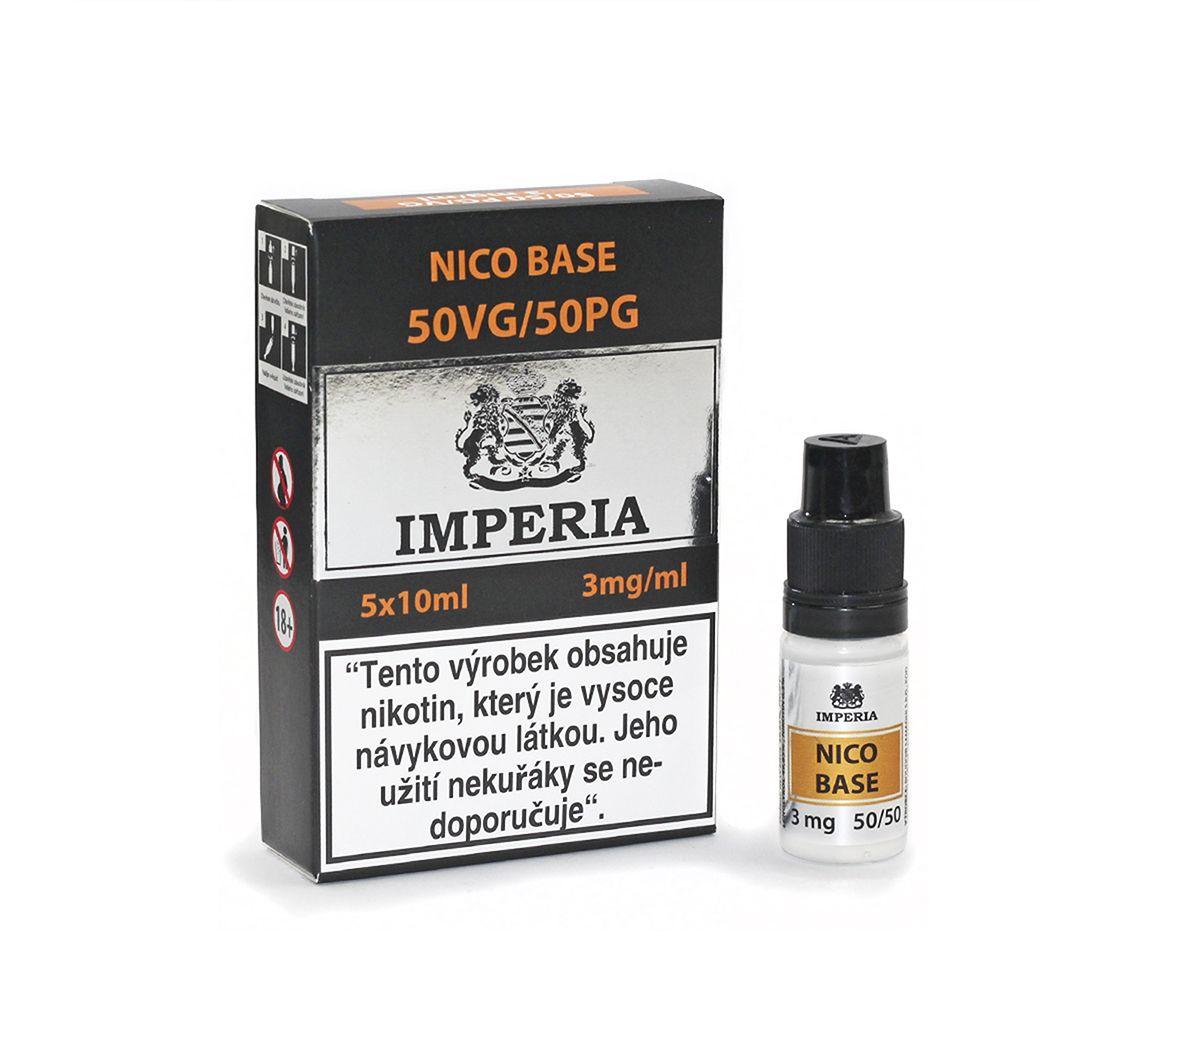 Nico Base Imperia 50/50 - 3mg - 5x10ml (50PG/50VG)